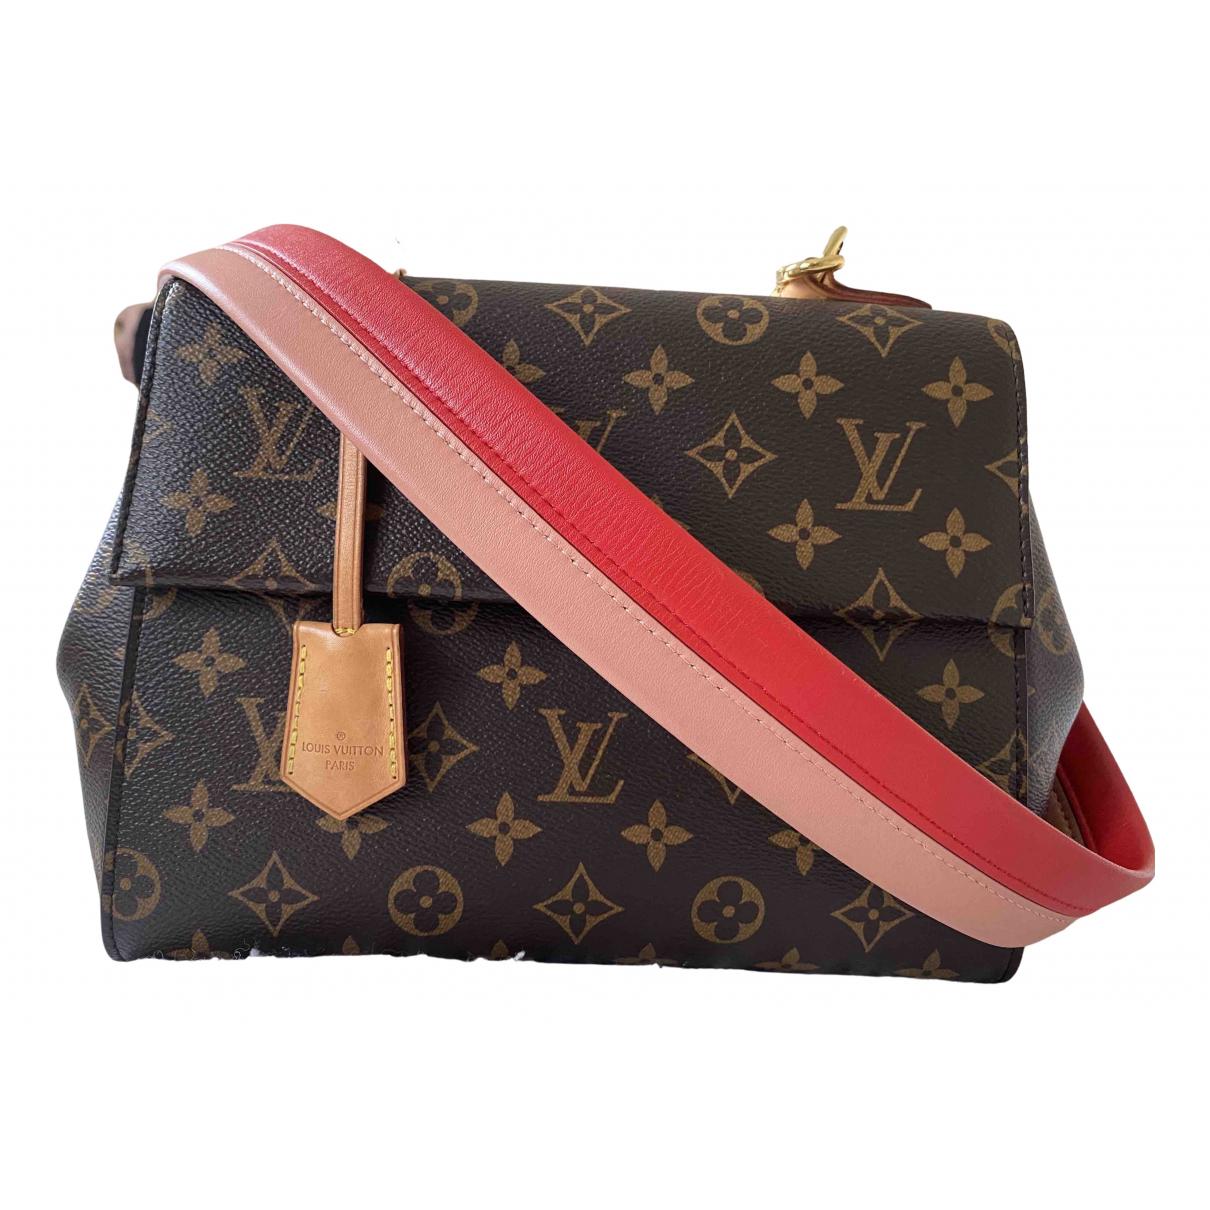 Louis Vuitton Cluny Brown Cloth handbag for Women \N